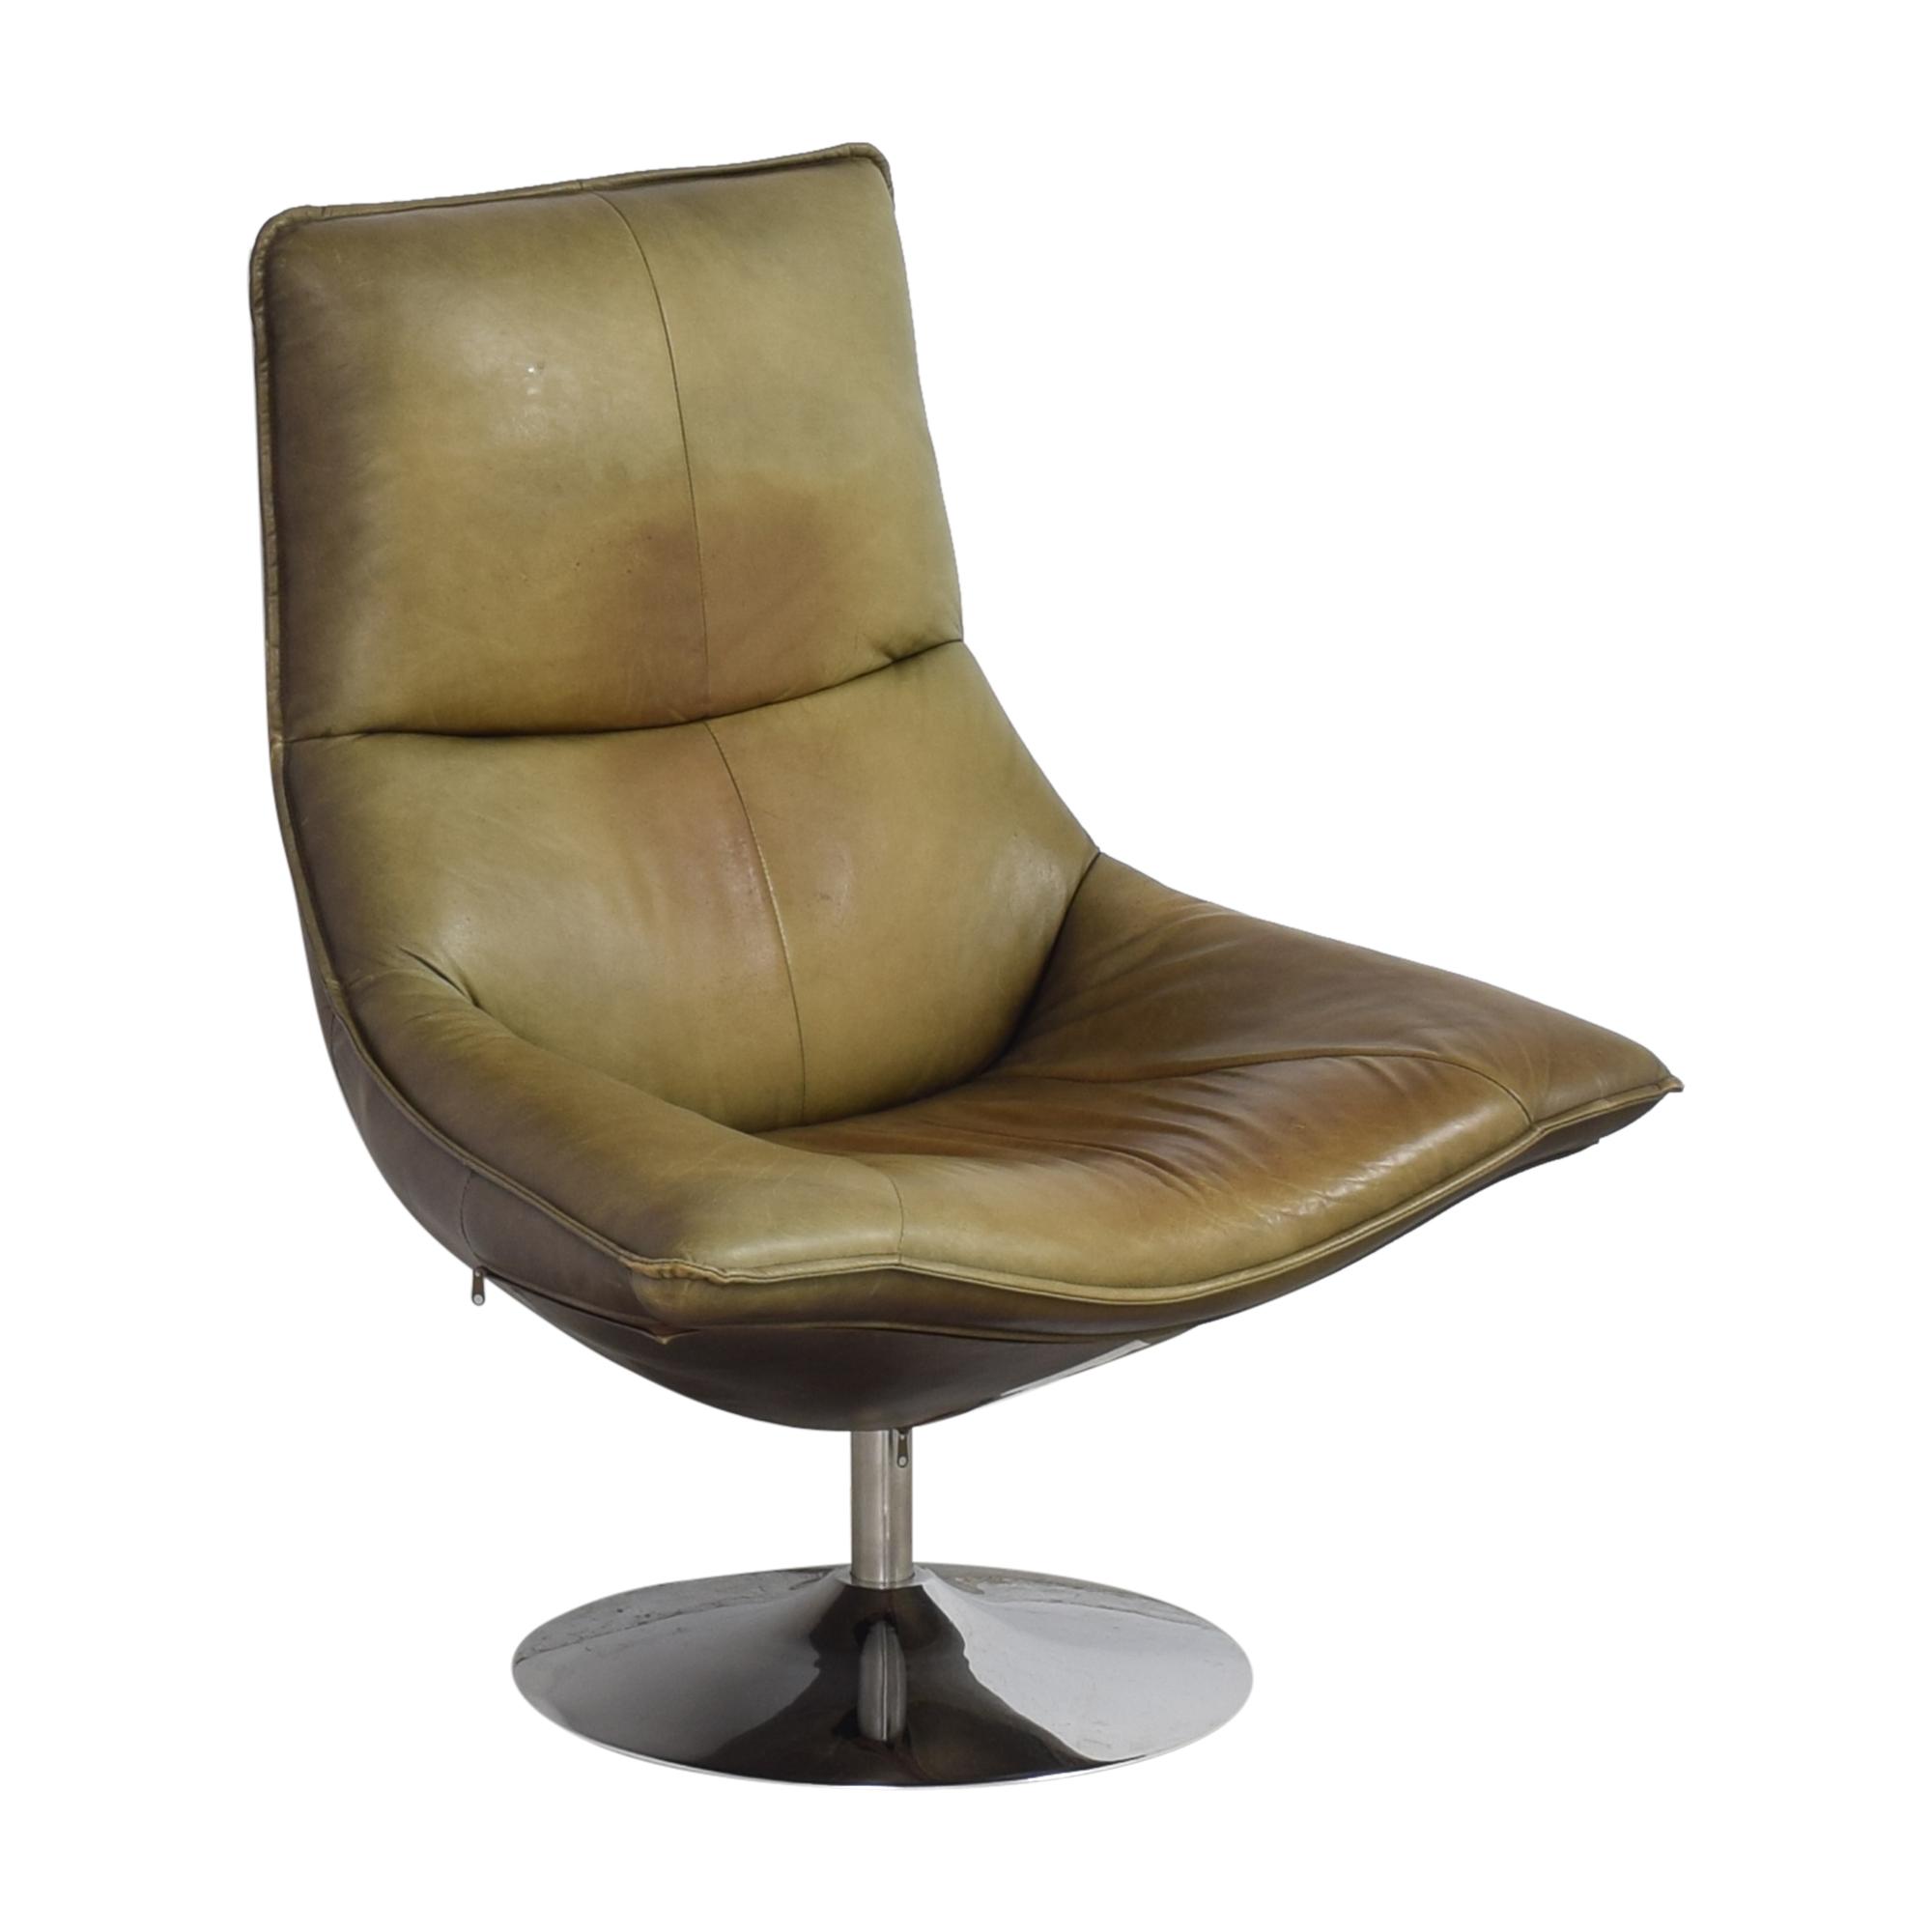 buy Restoration Hardware Restoration Hardware Hopper Swivel Bucket Chair online